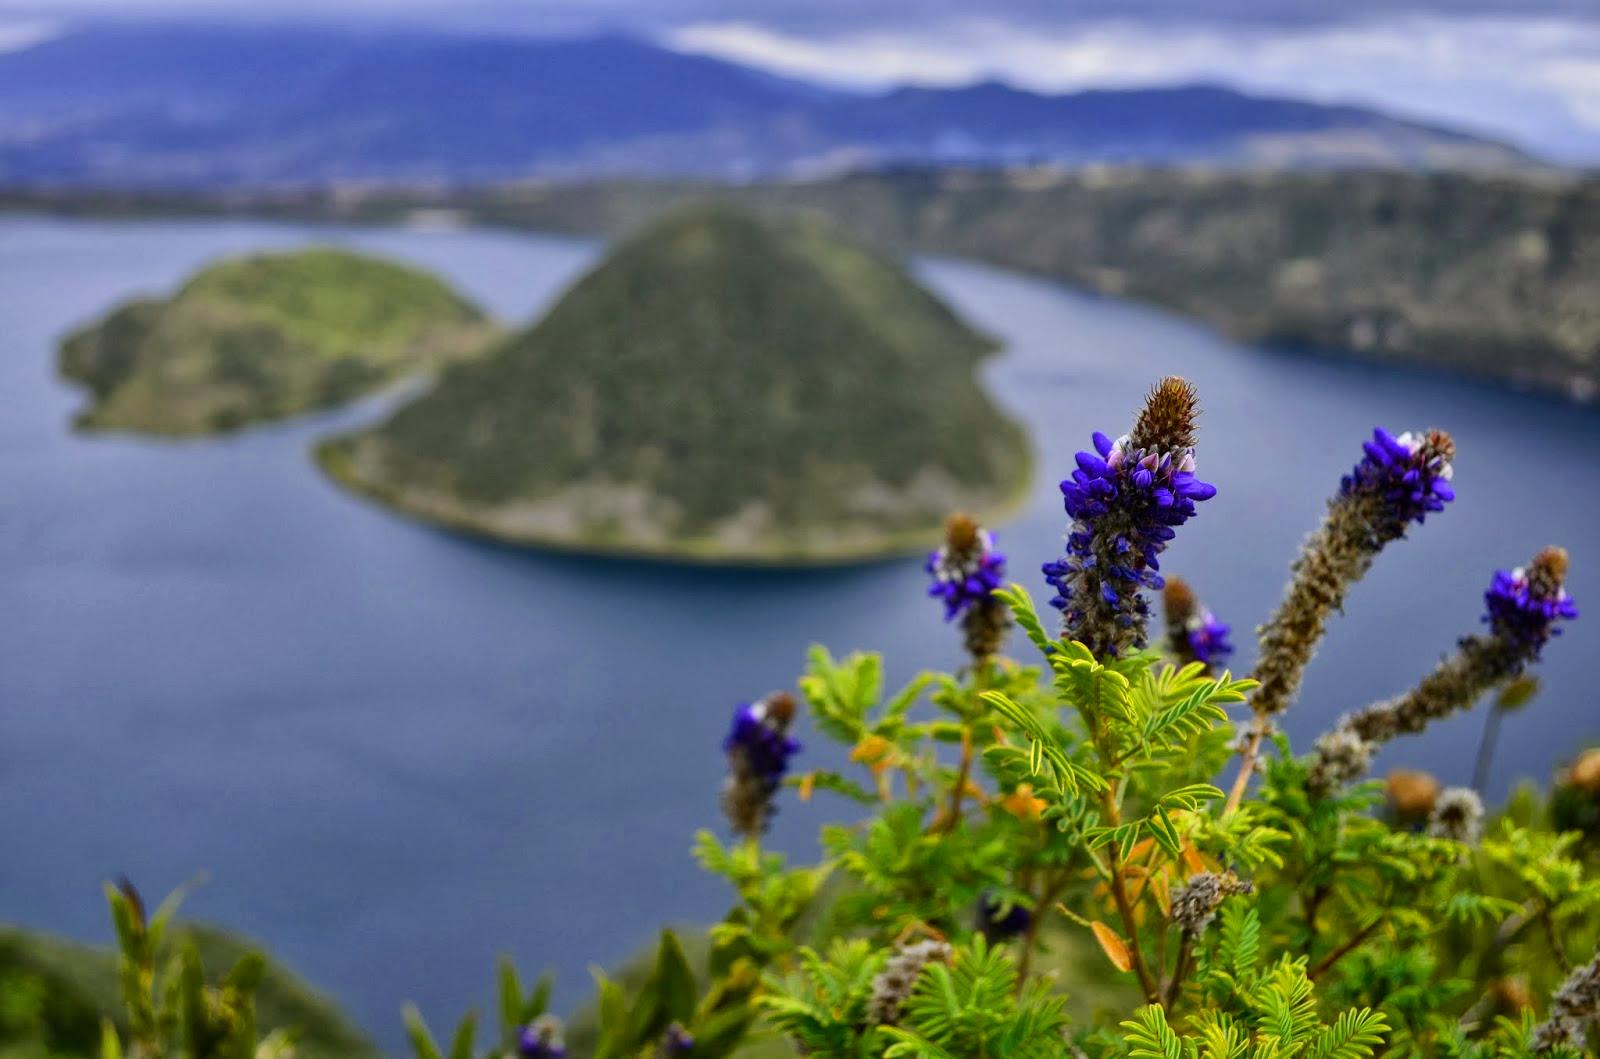 Flora auf über 3.000 Höhenmetern (Foto: Joe Scarangella)Flora auf über 3.000 Höhenmetern (Foto: Joe Scarangella)